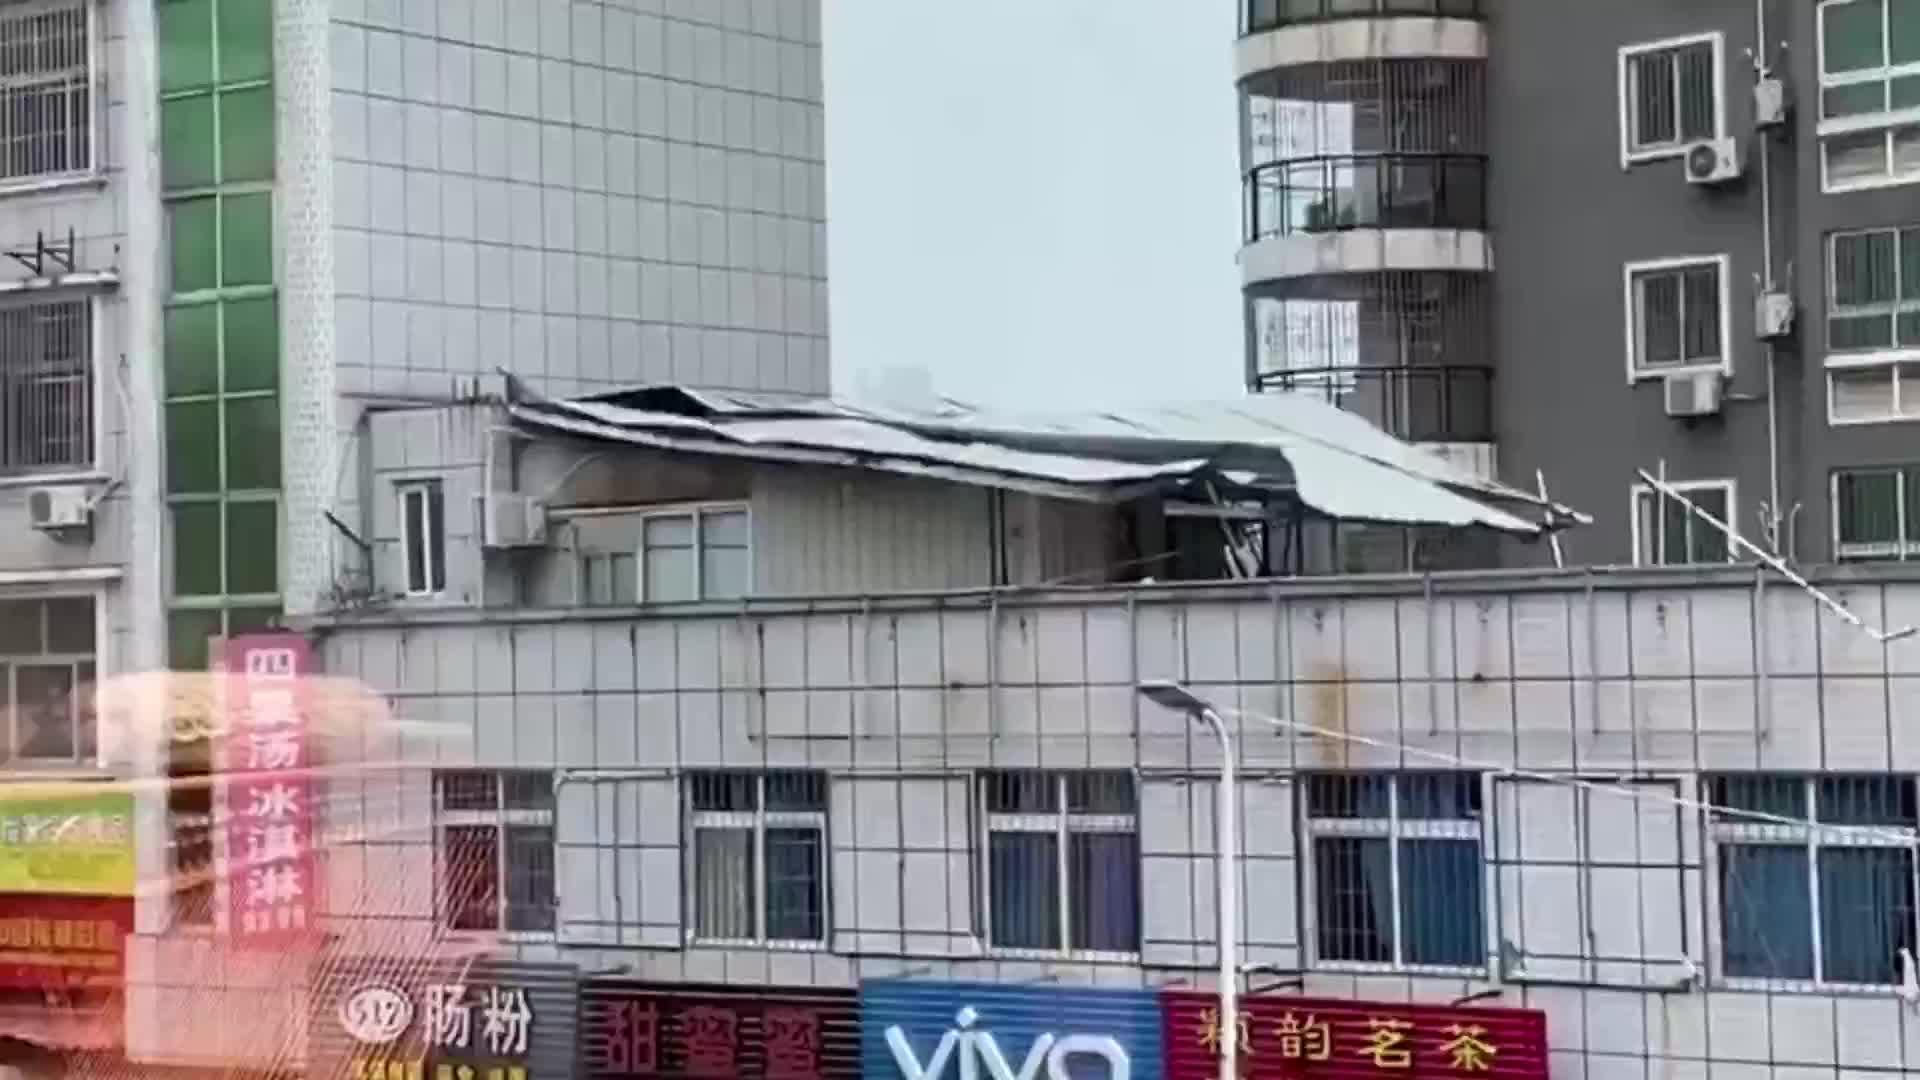 相距不足1米!福建台风掀翻屋顶,电动车驾驶员躲雨险被砸!